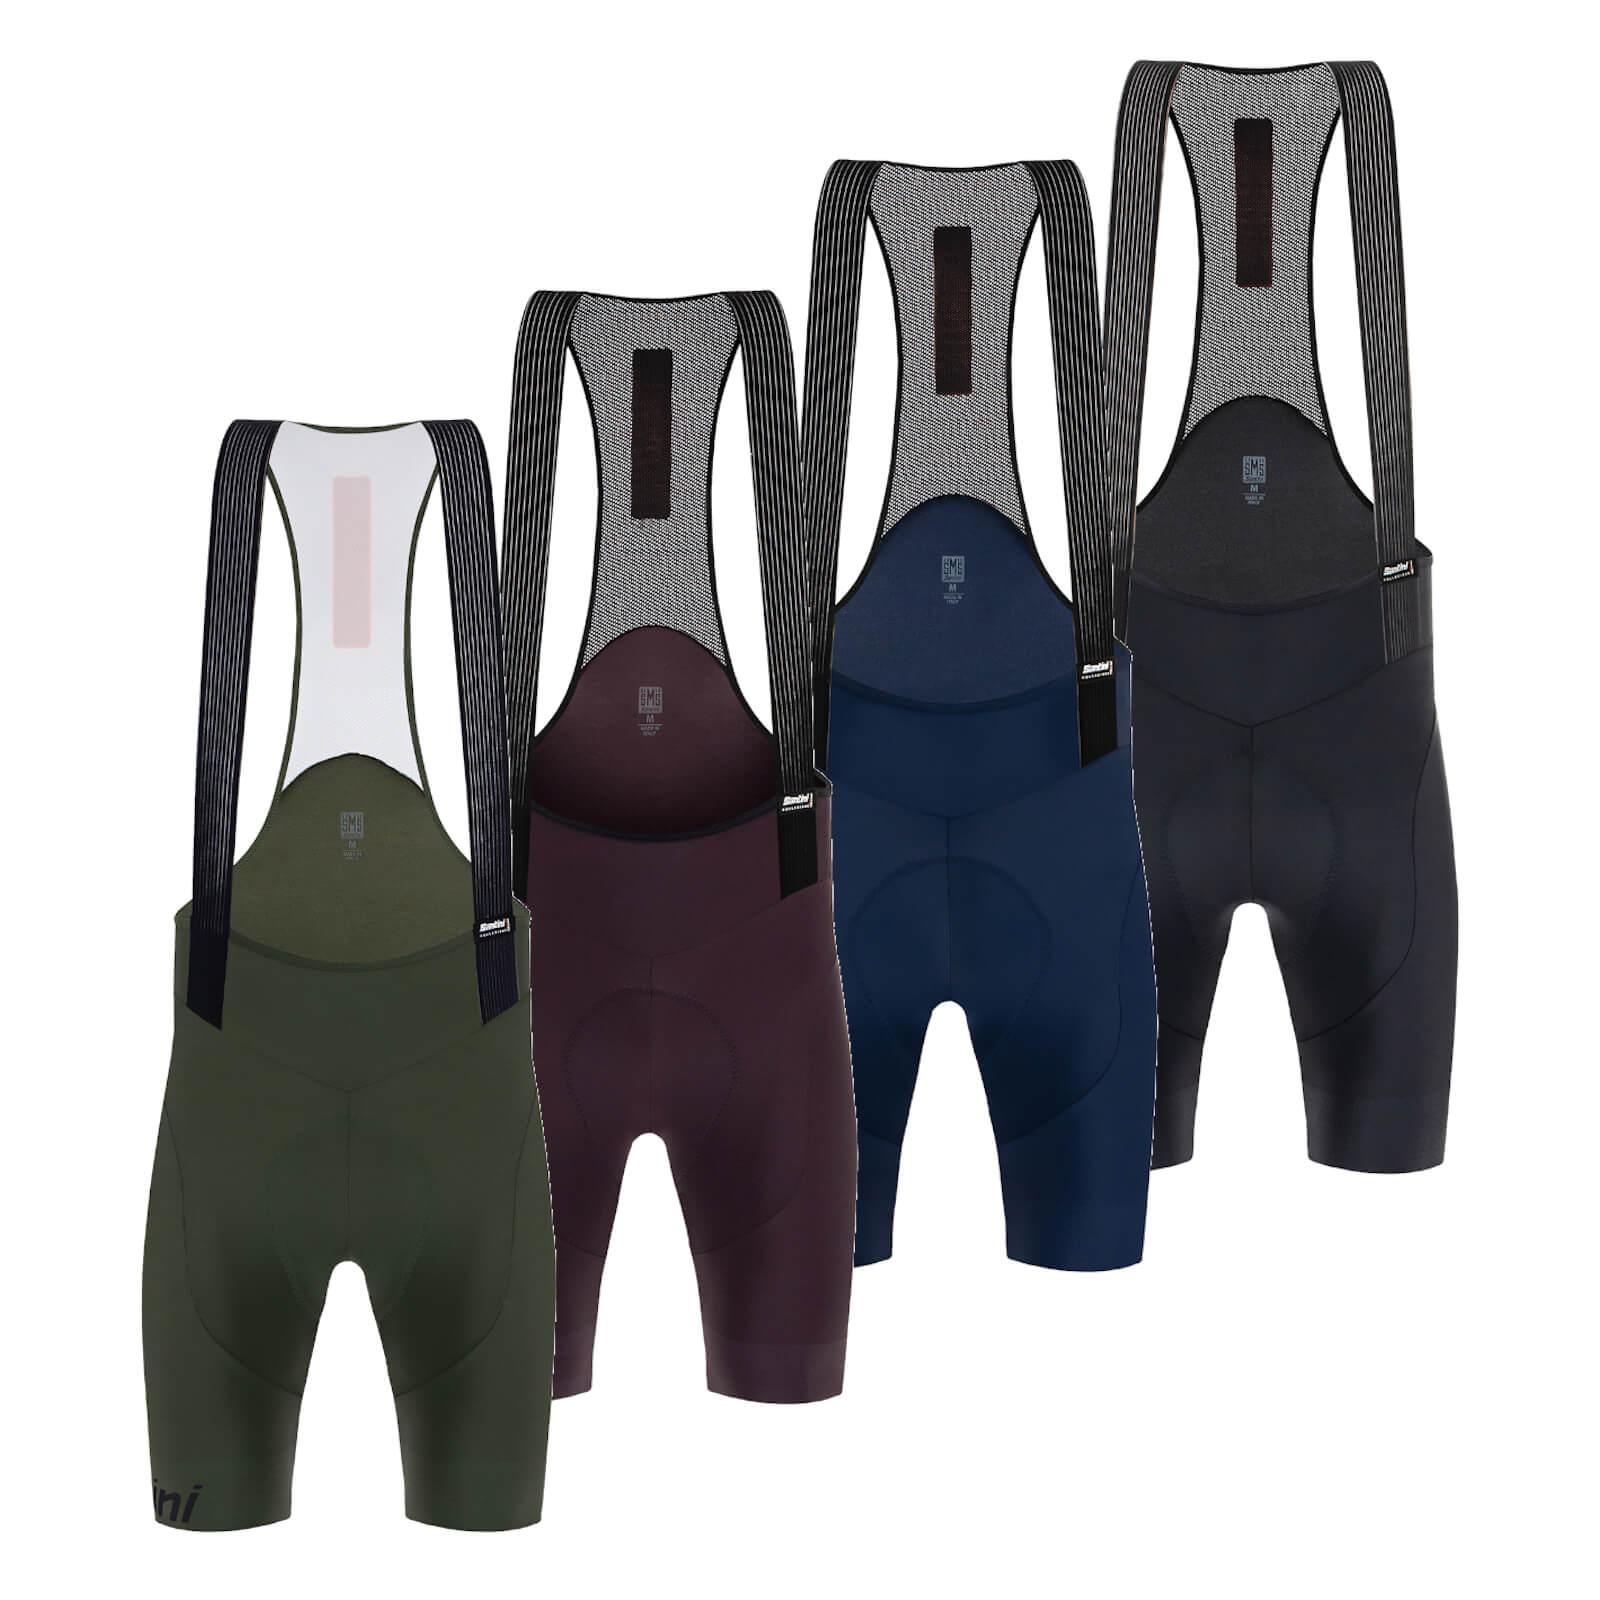 Santini Tono Puro Bib Shorts - XL - Black